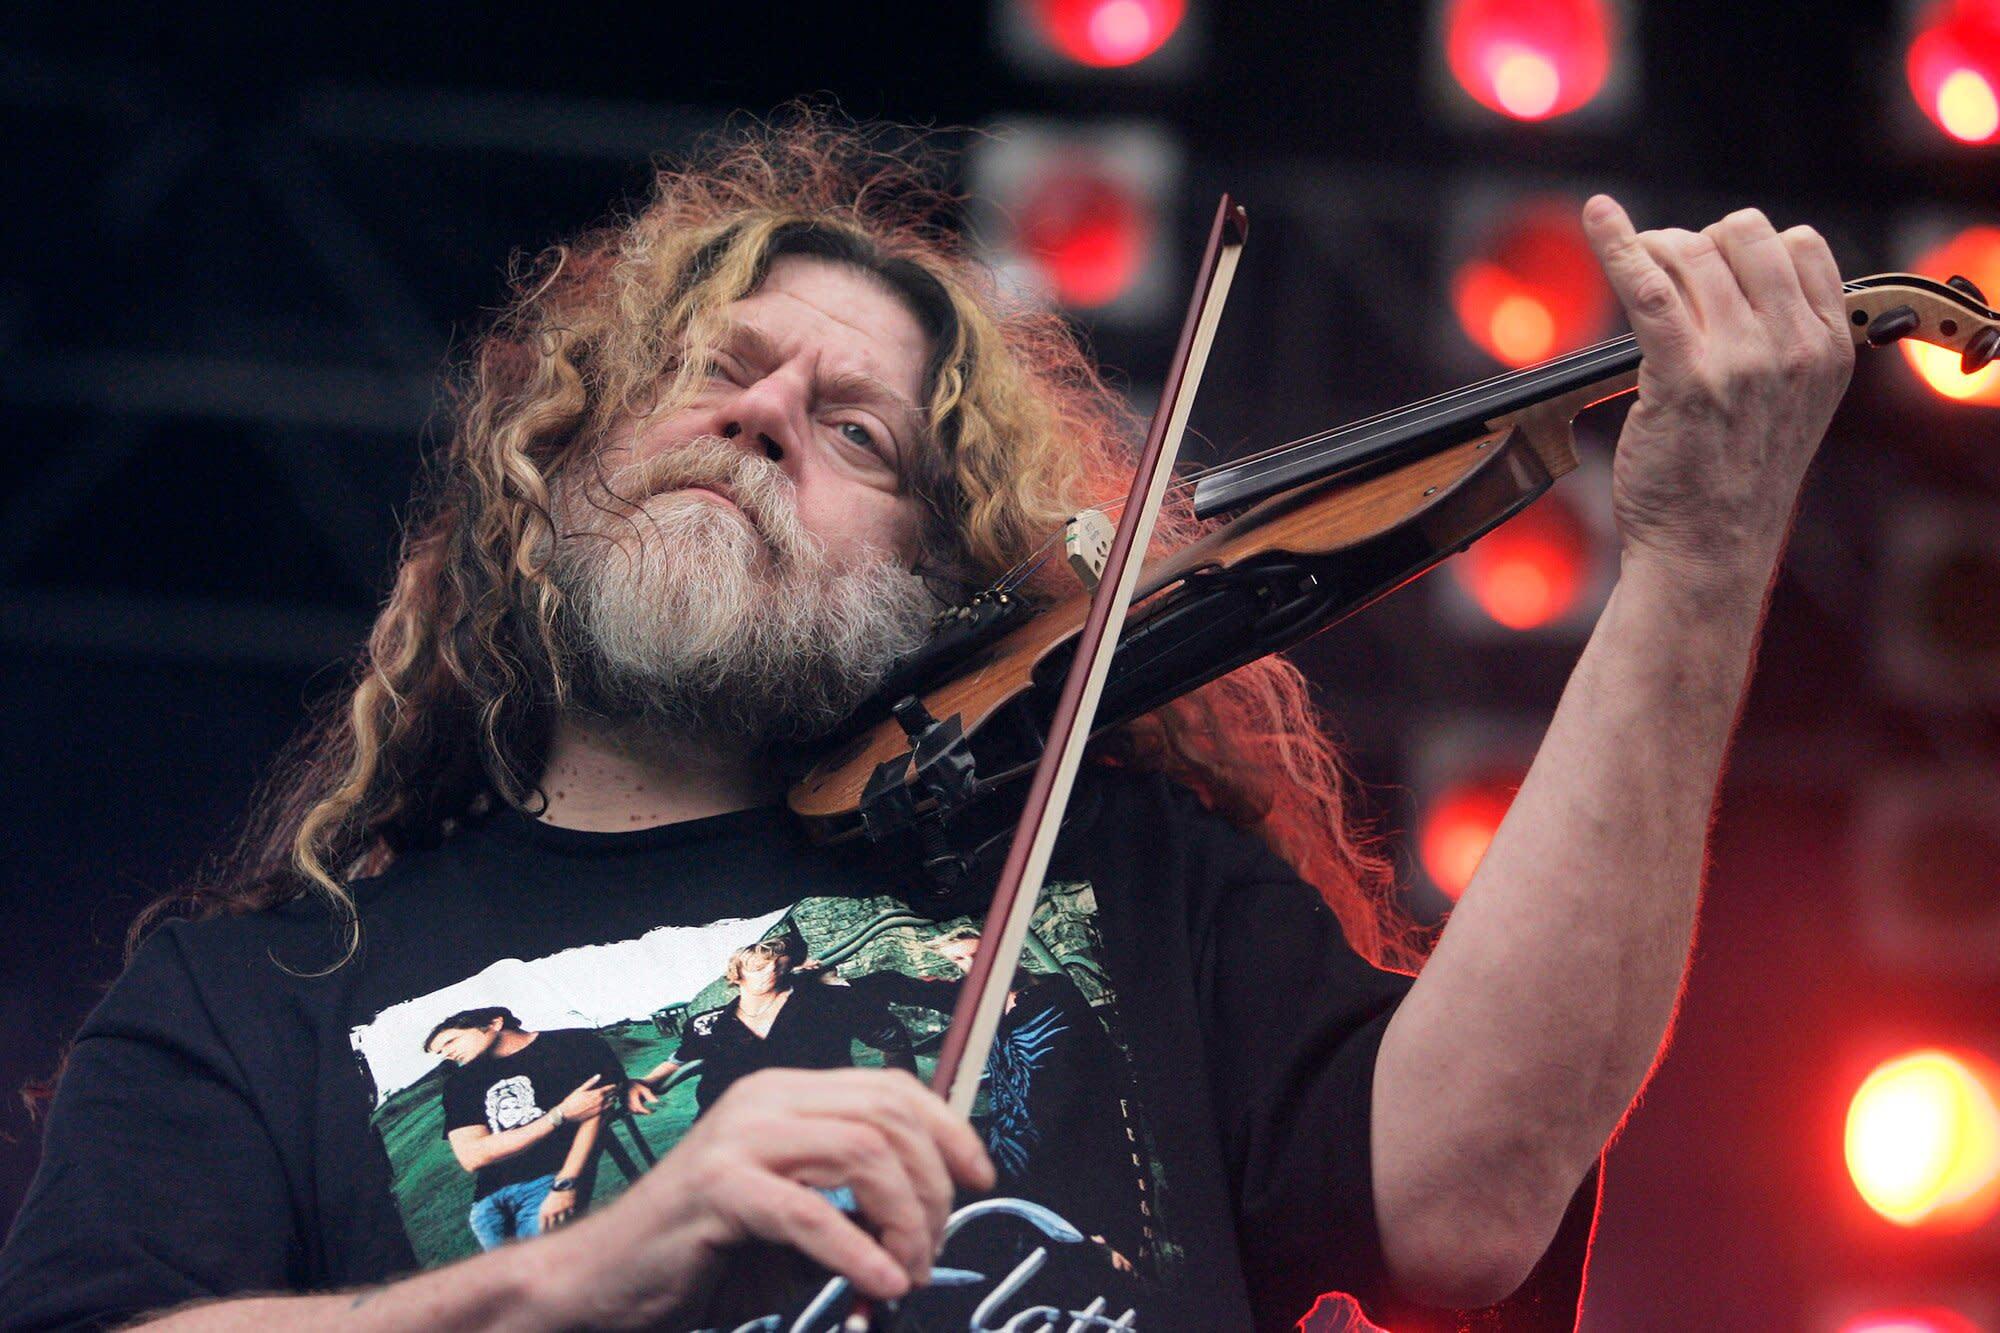 Falece Robby Steinhardt, vocalista e fundador do Kansas